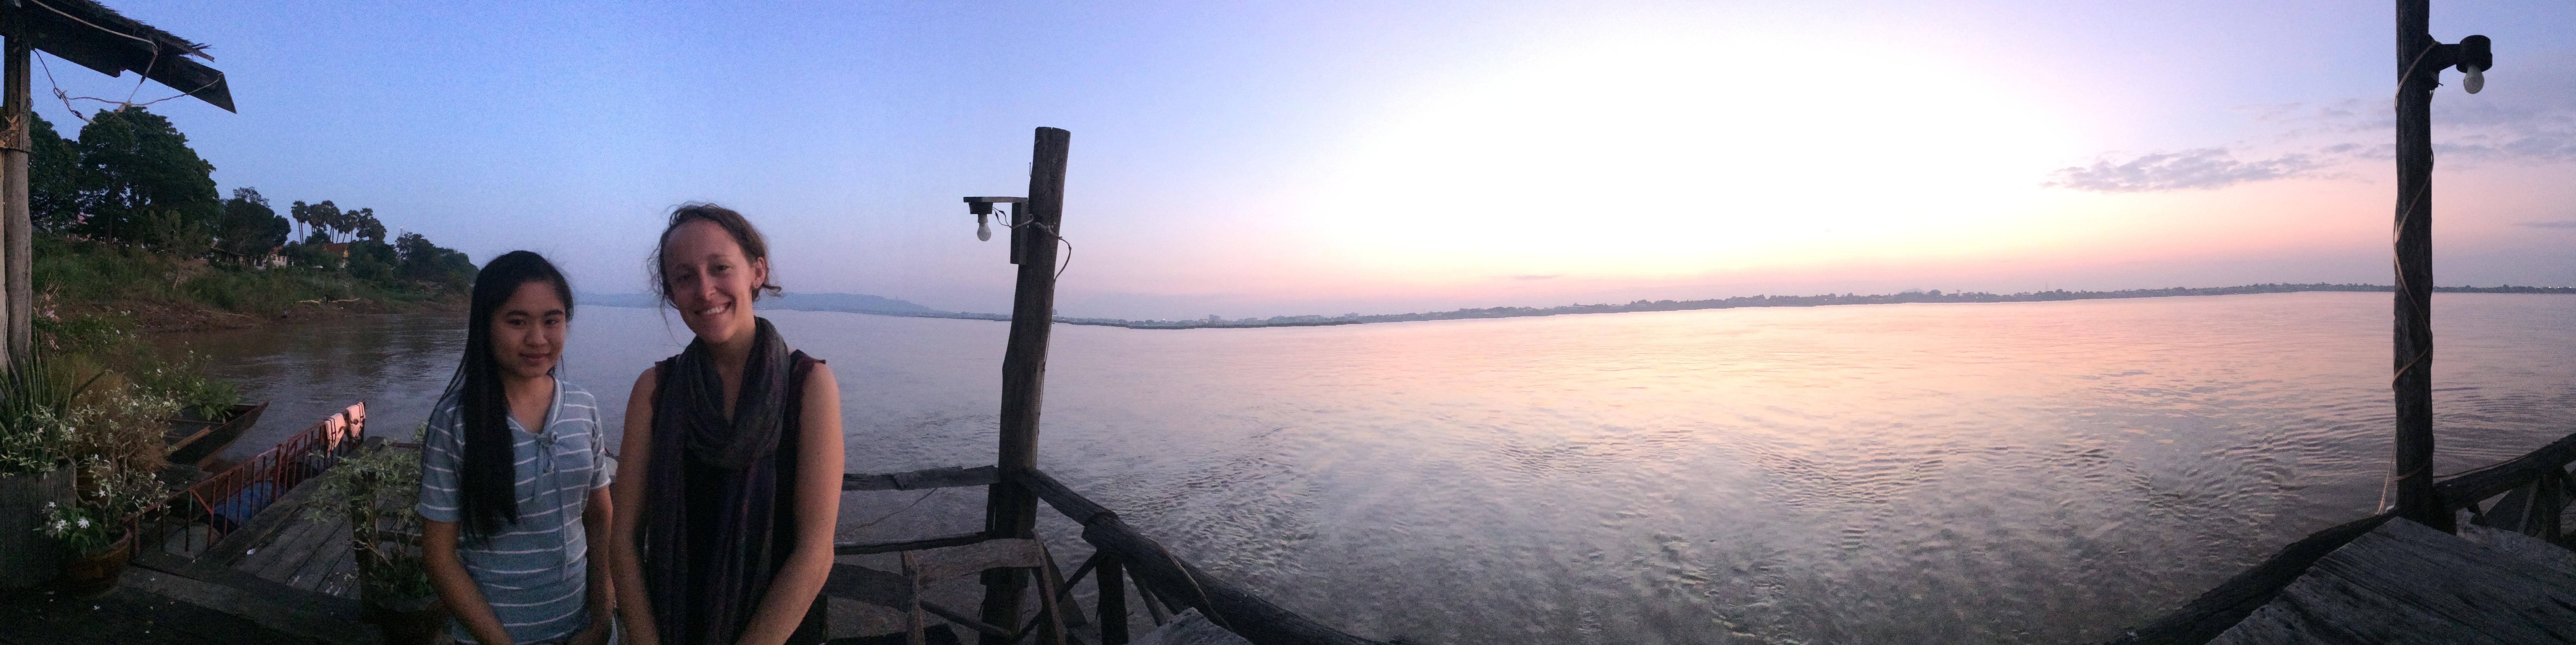 mekong_river.jpg